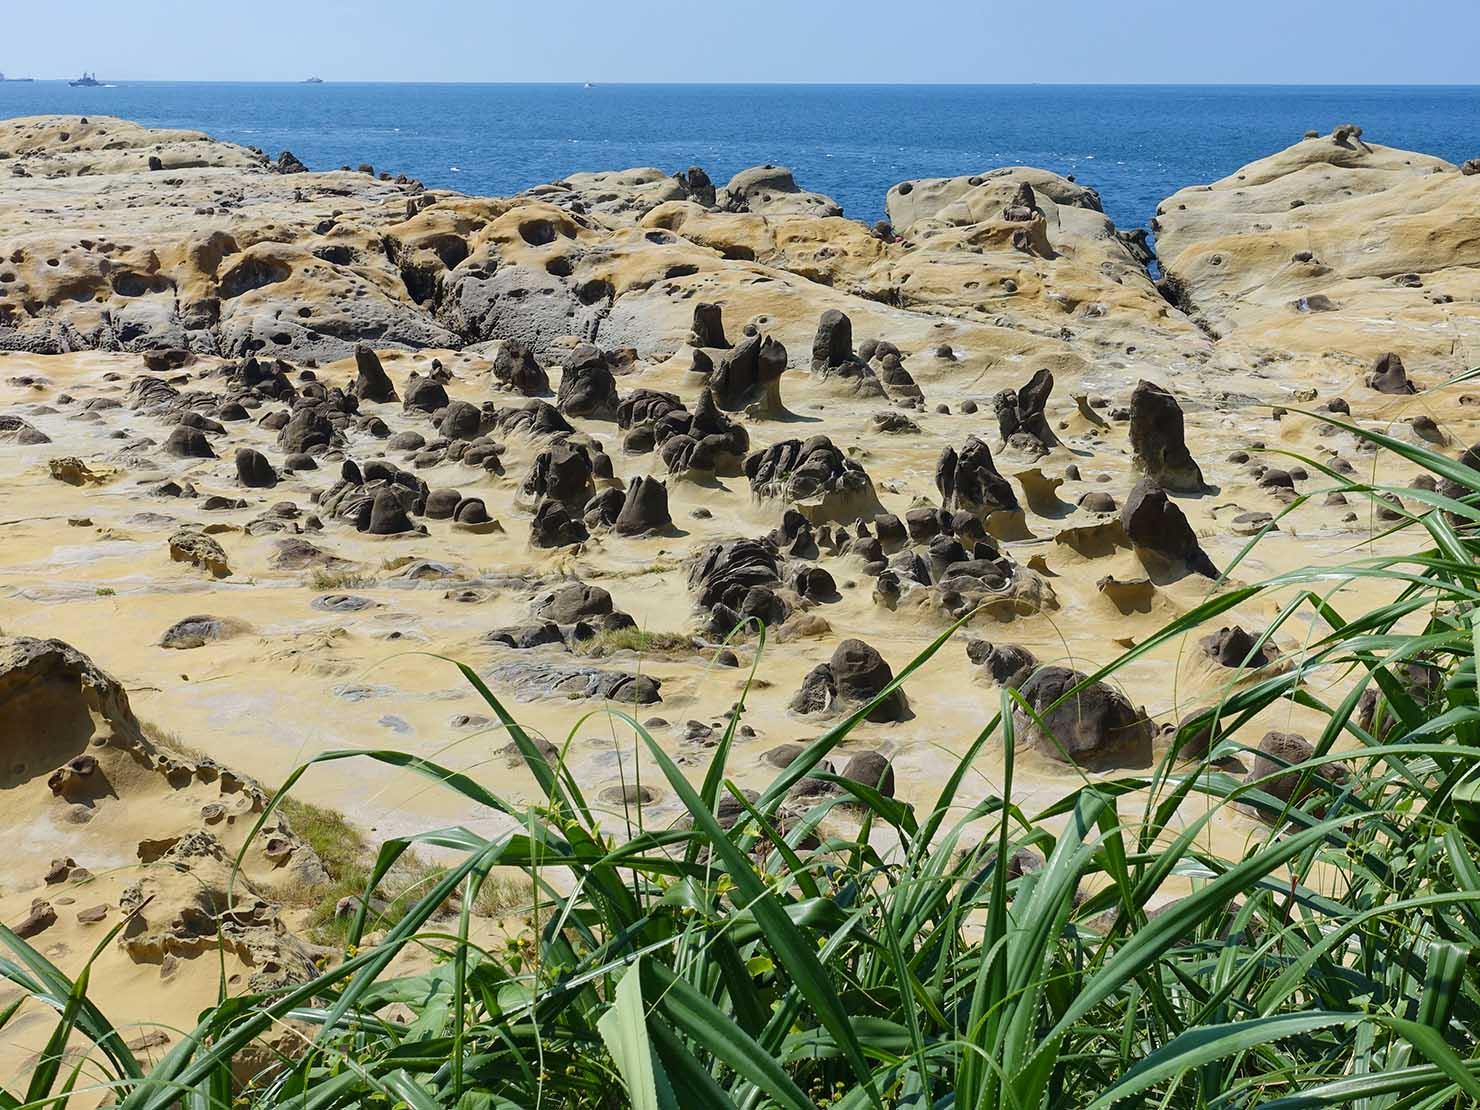 台北から日帰りで行ける基隆・和平島公園の海岸沿いに広がる奇岩群の俯瞰